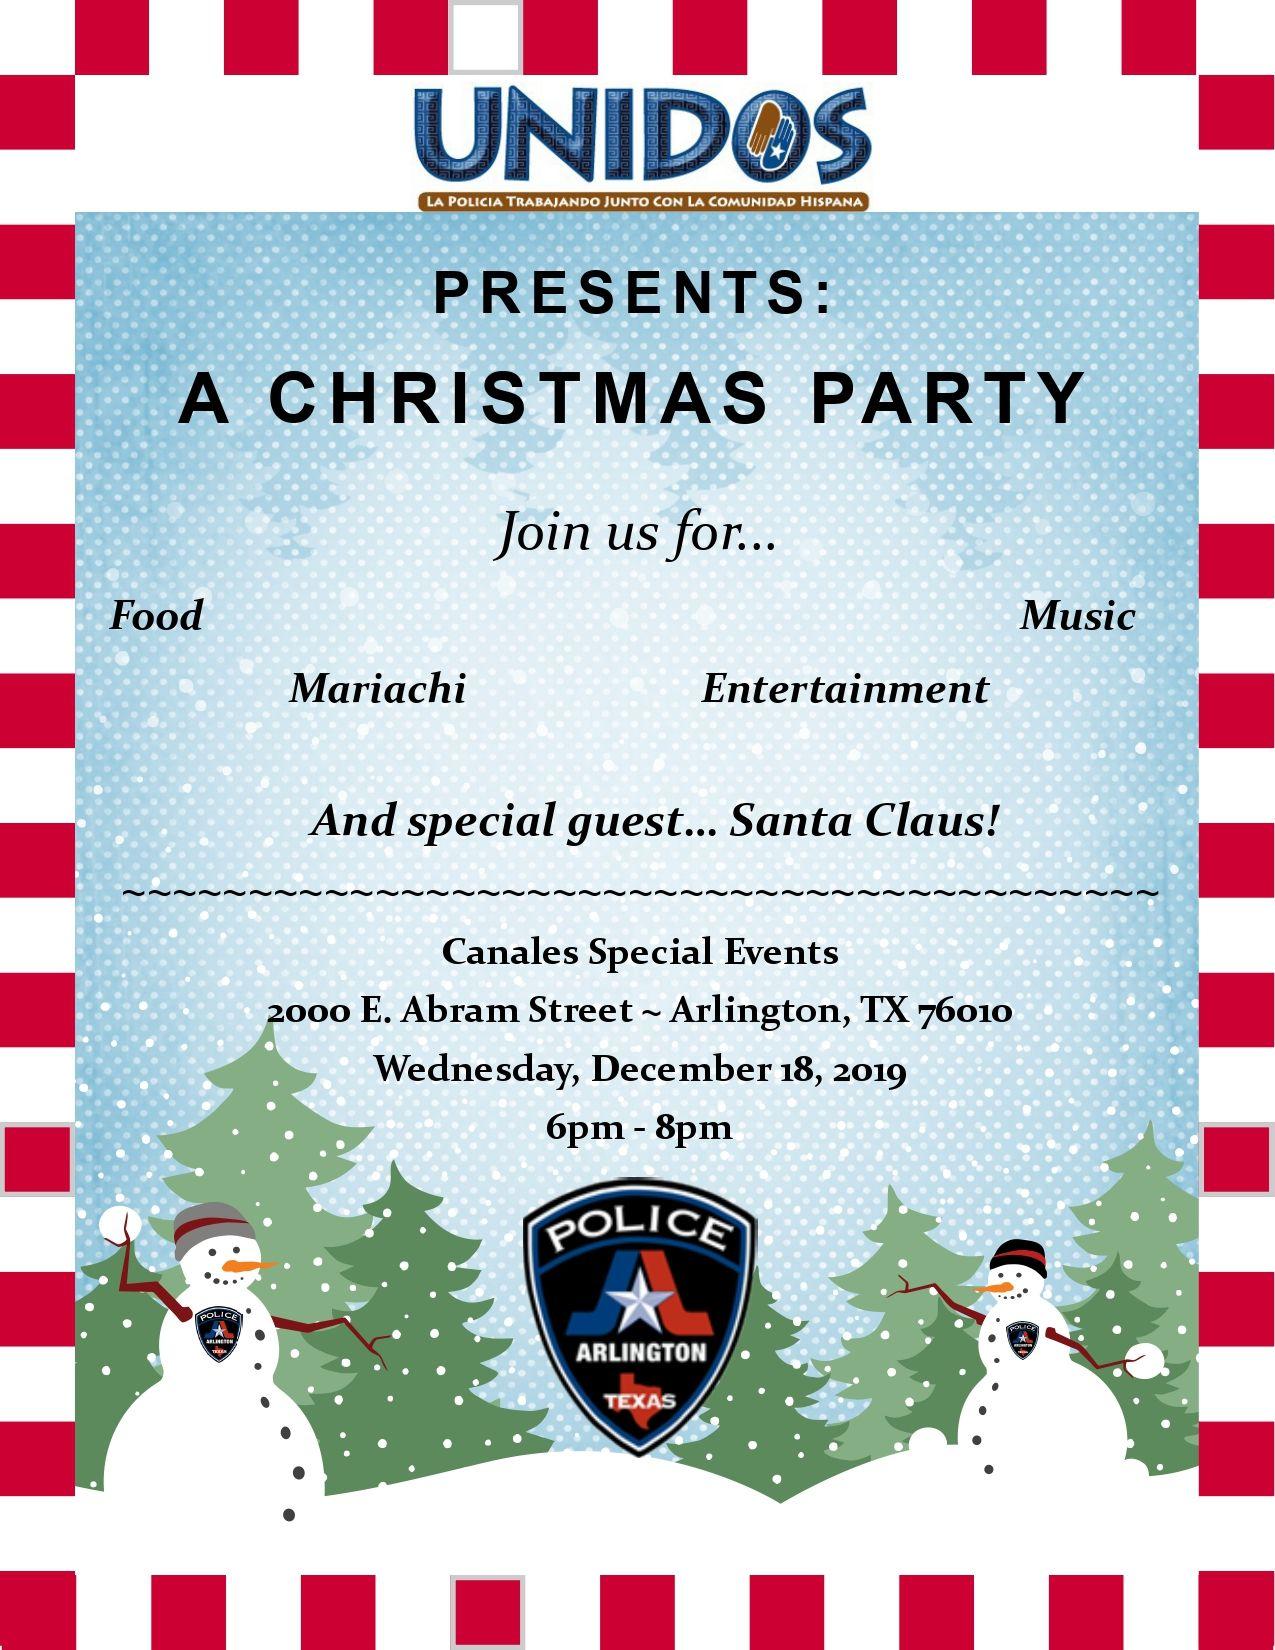 UNIDOS! A Christmas Party!